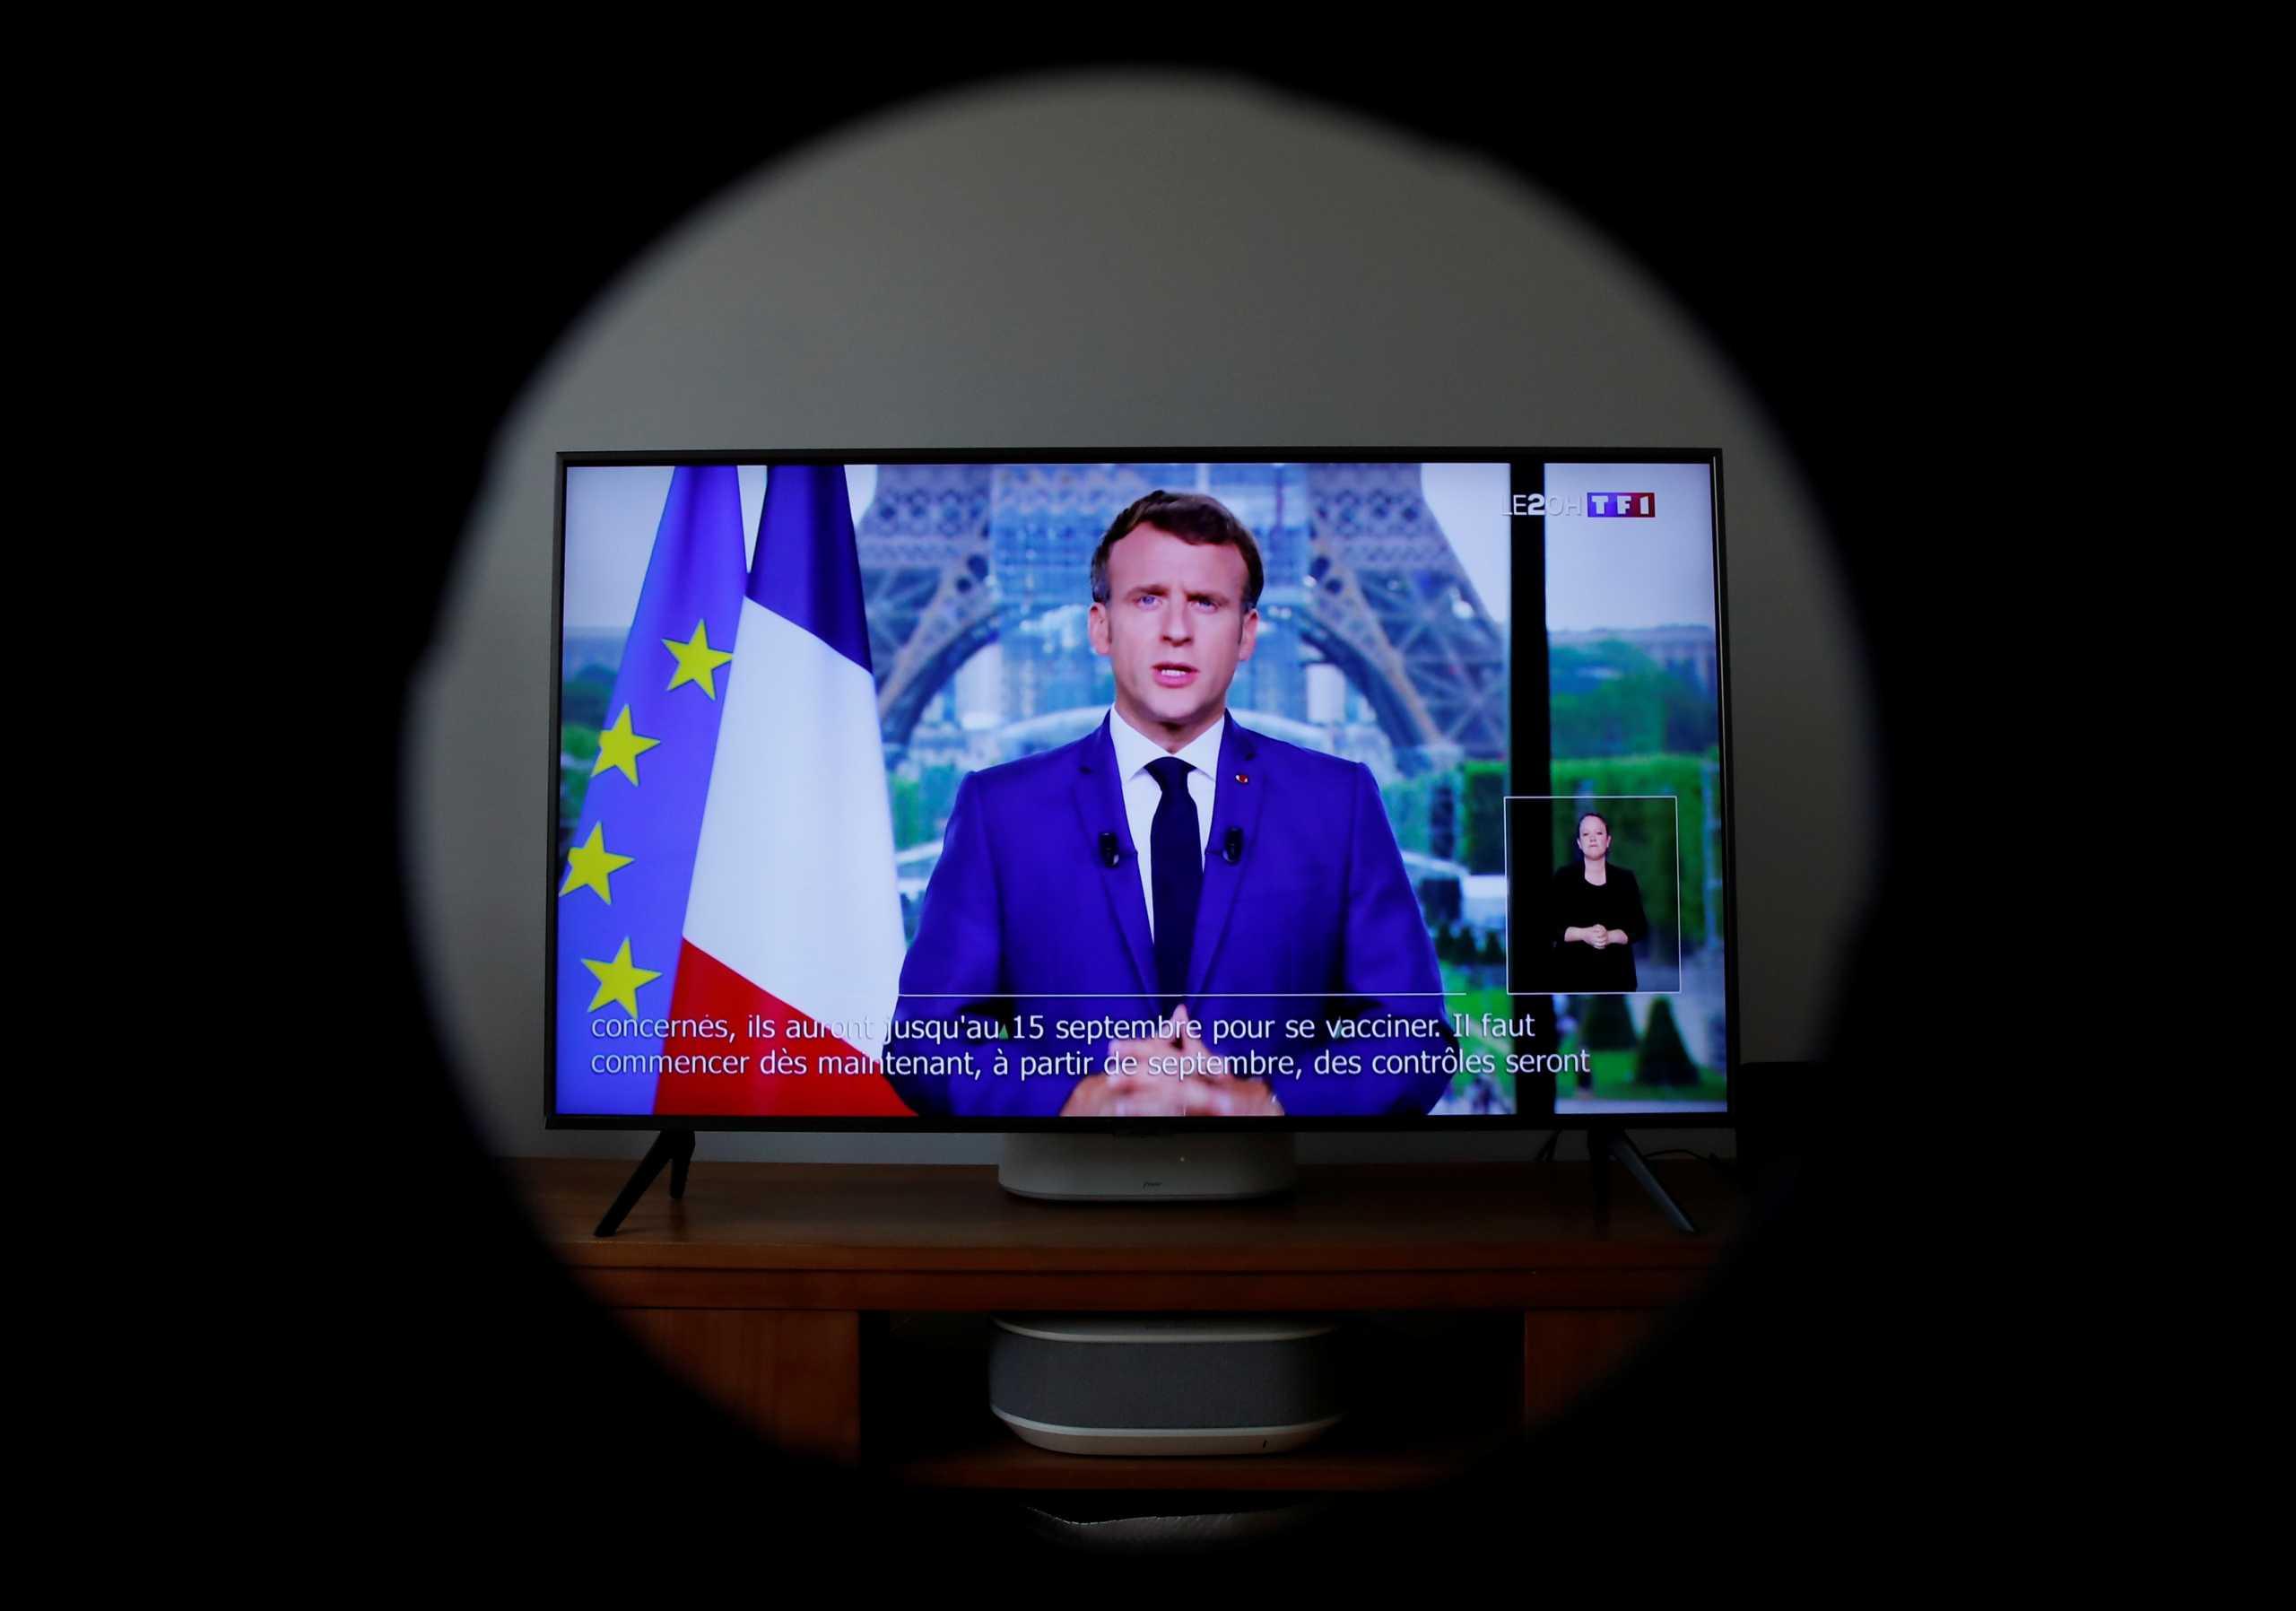 Όλη η Γαλλία τρέχει να εμβολιαστεί μετά το διάγγελμα Μακρόν – «Έπεσε» το σύστημα ηλεκτρονικών ραντεβού